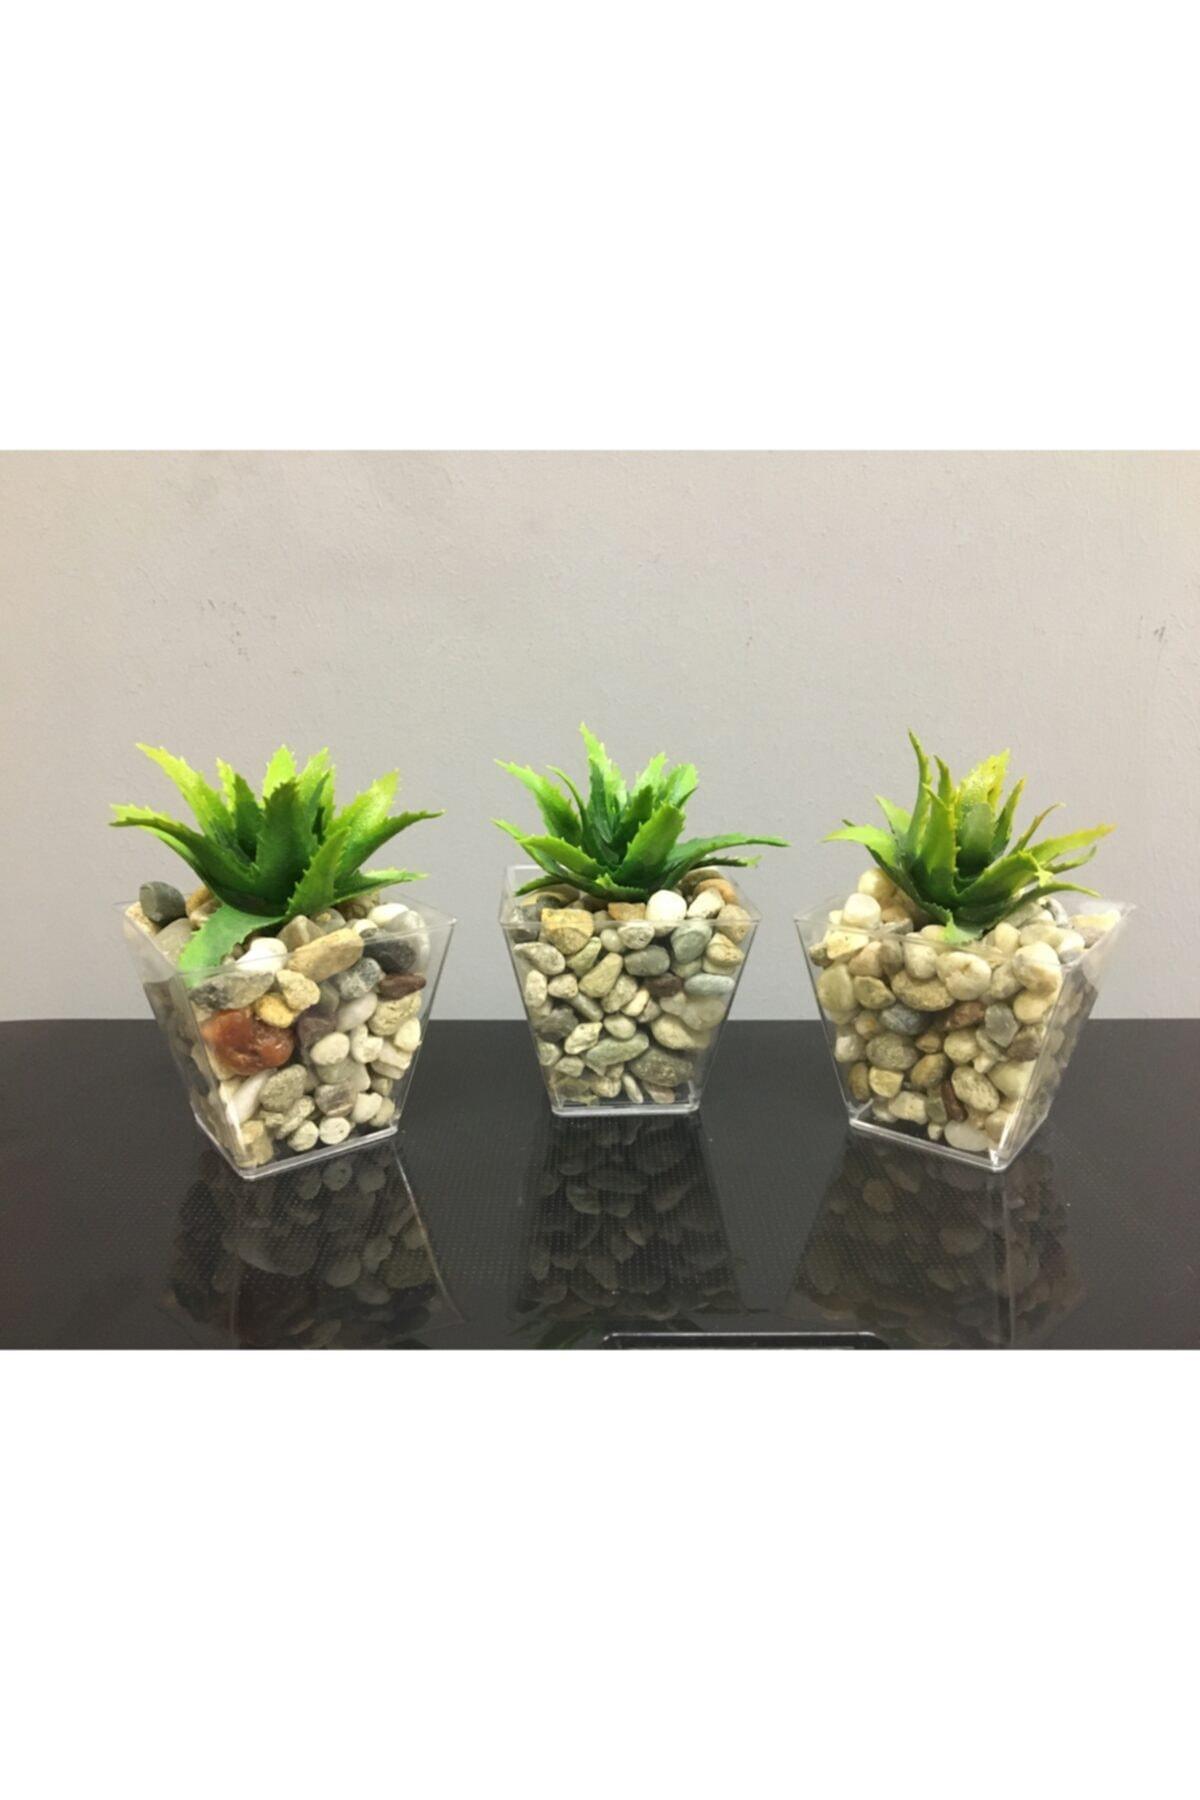 Sukulent 3'lü Çakıl Saksıda Yapay Sukulent Succulent Yapay Çiçek 6cmx9cm